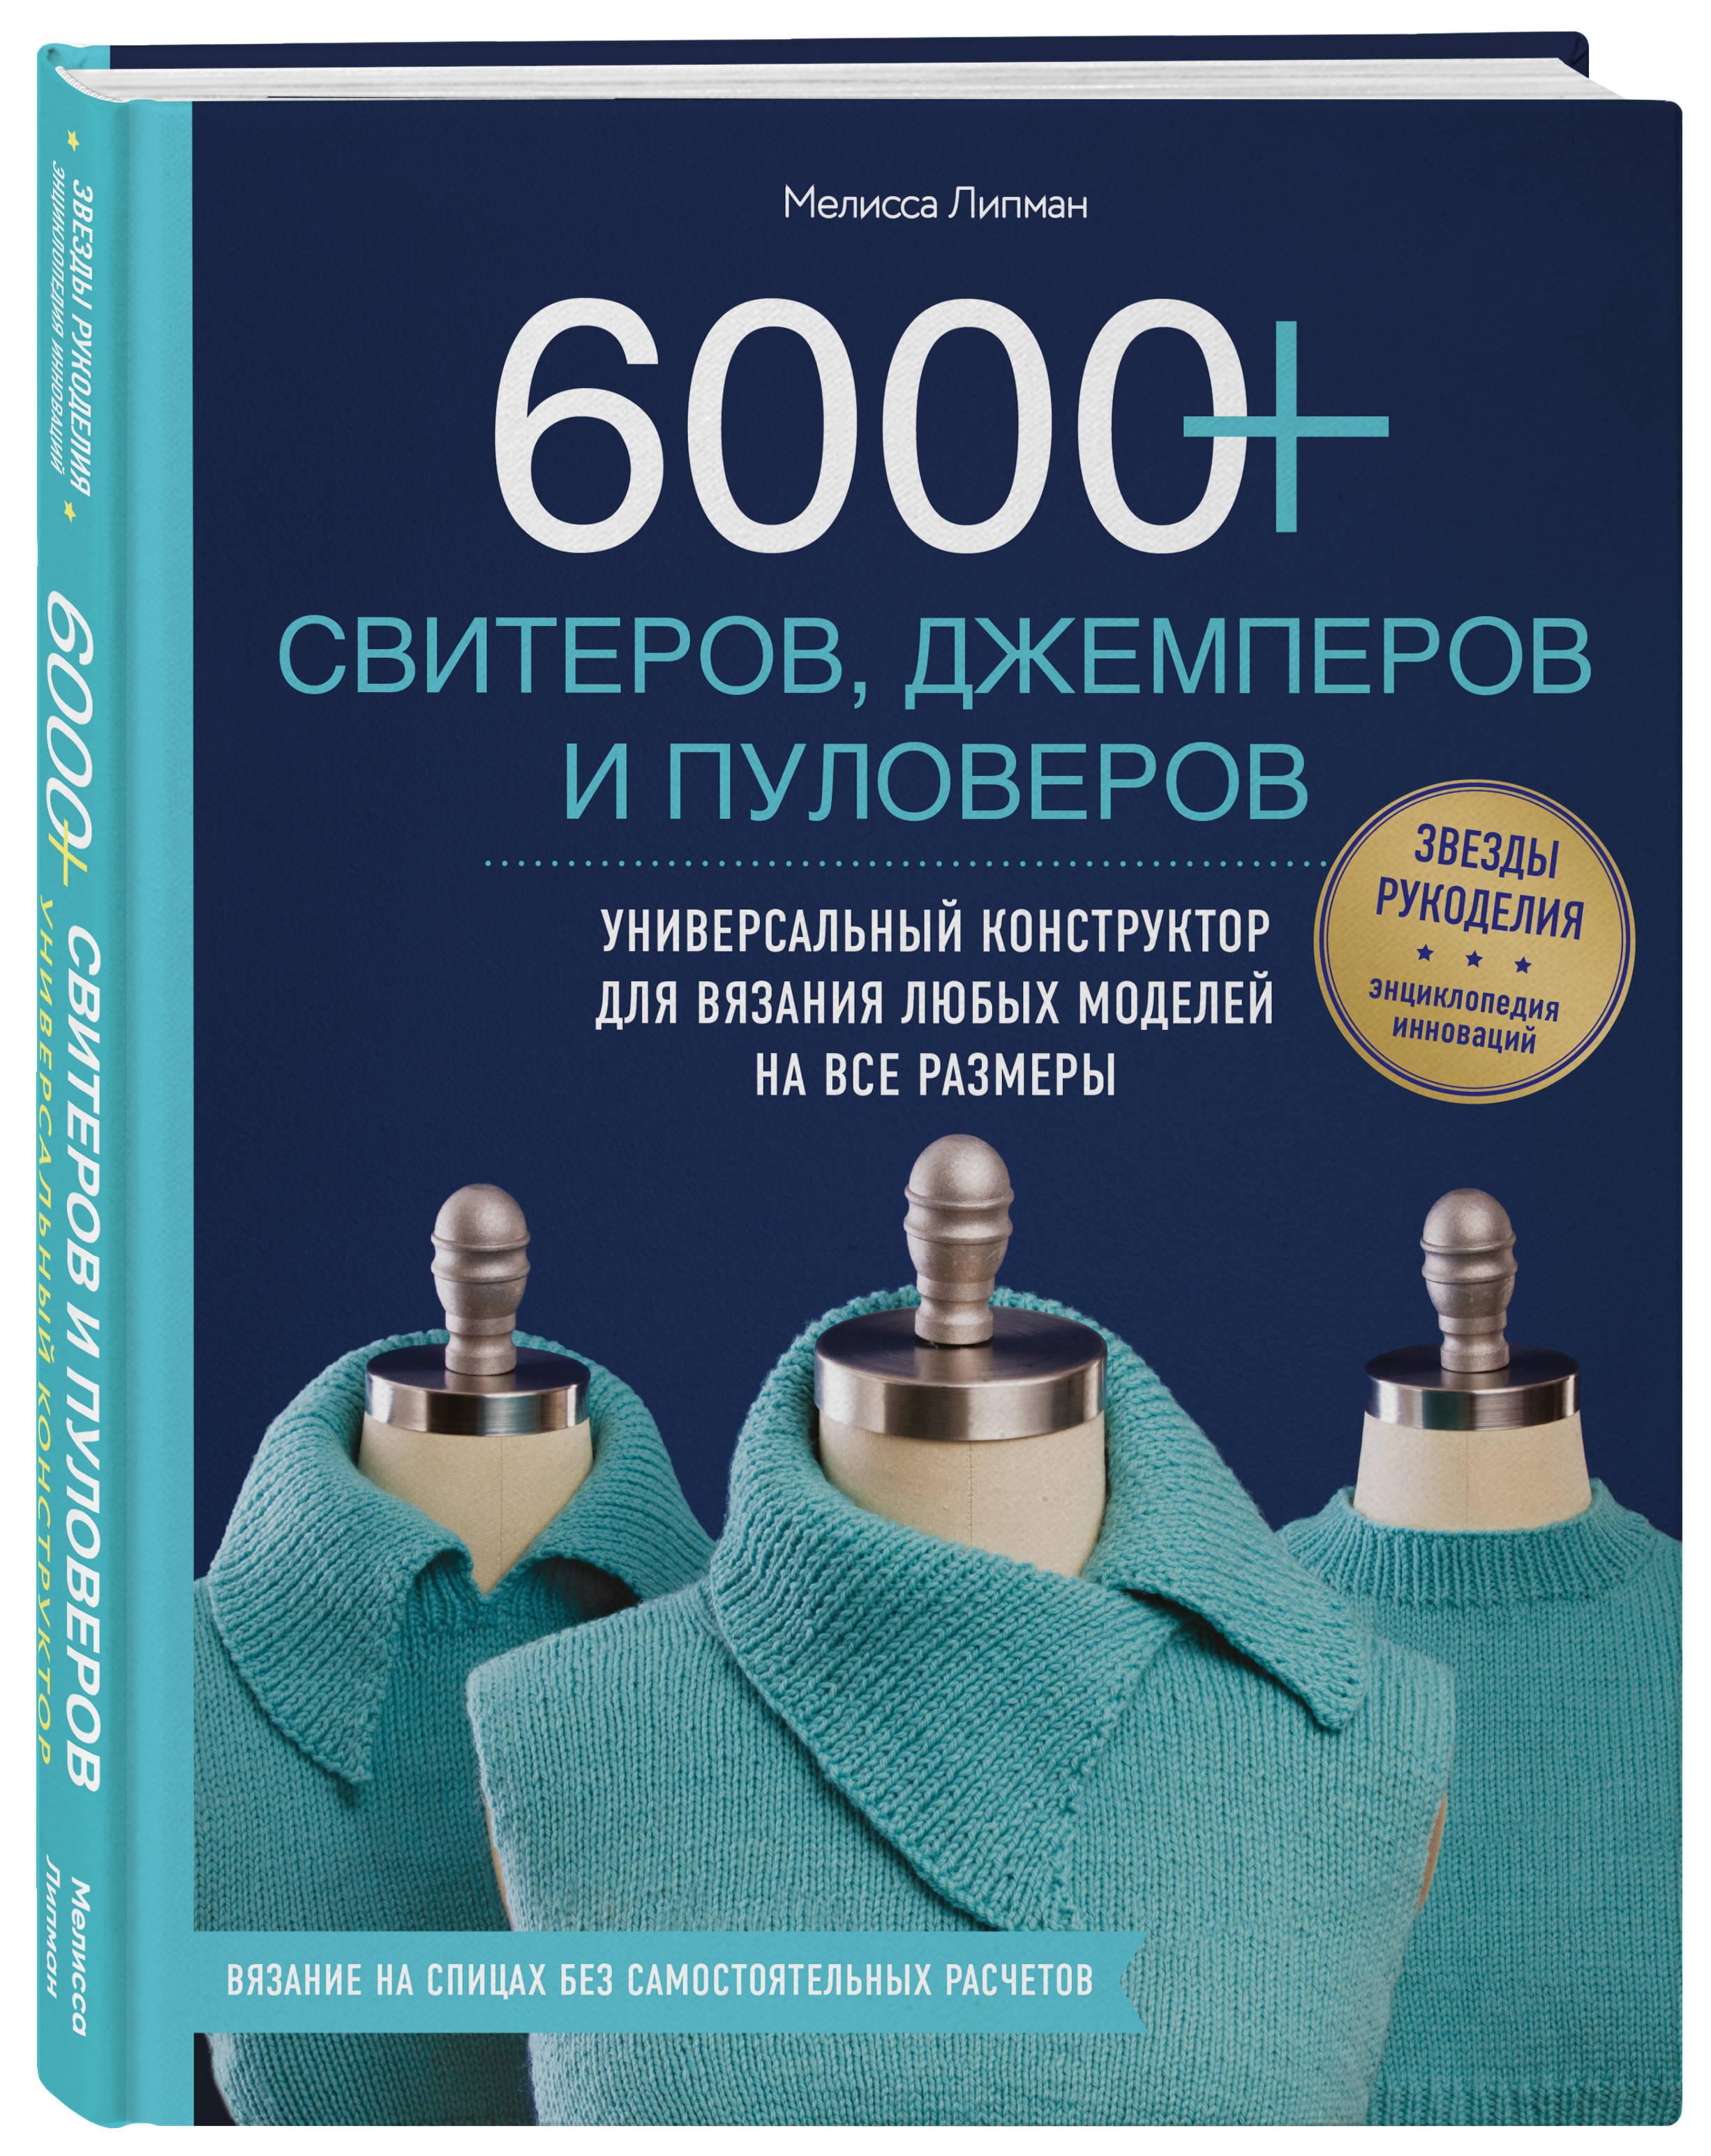 Мелисса Липман 6000+ свитеров, джемперов и пуловеров. Универсальный конструктор для вязания любых моделей на все размеры